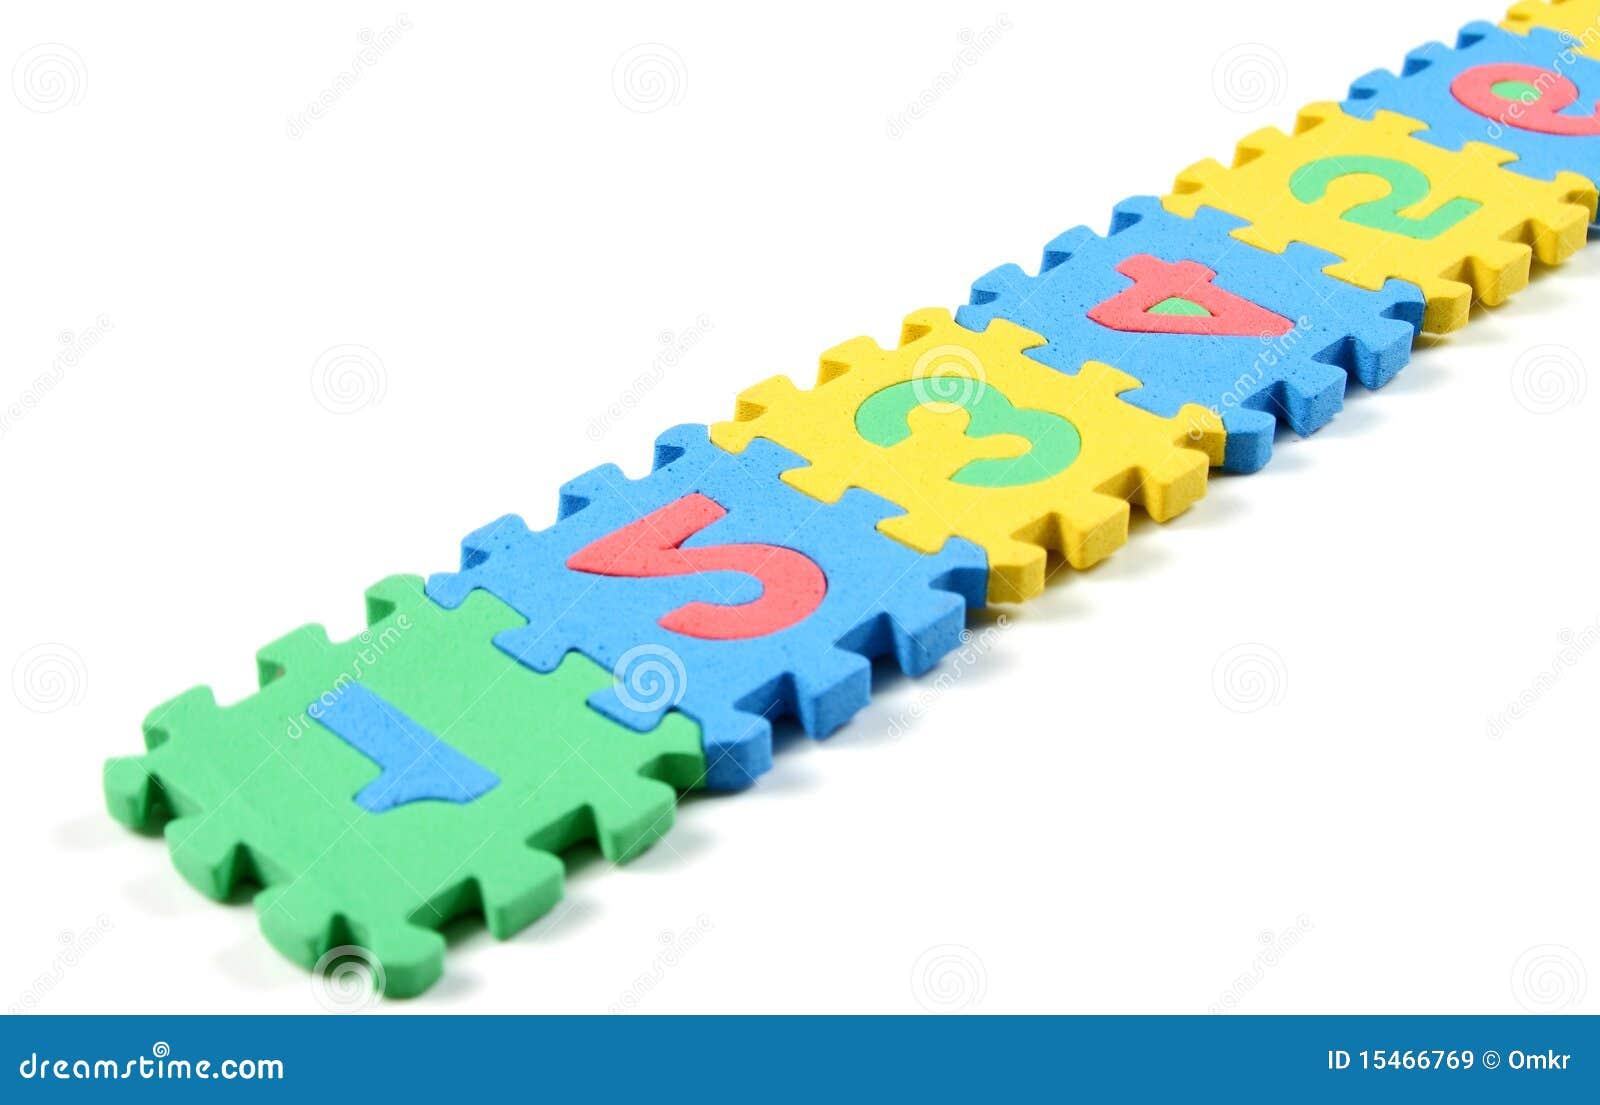 Rompecabezas del número dispuestos en una fila